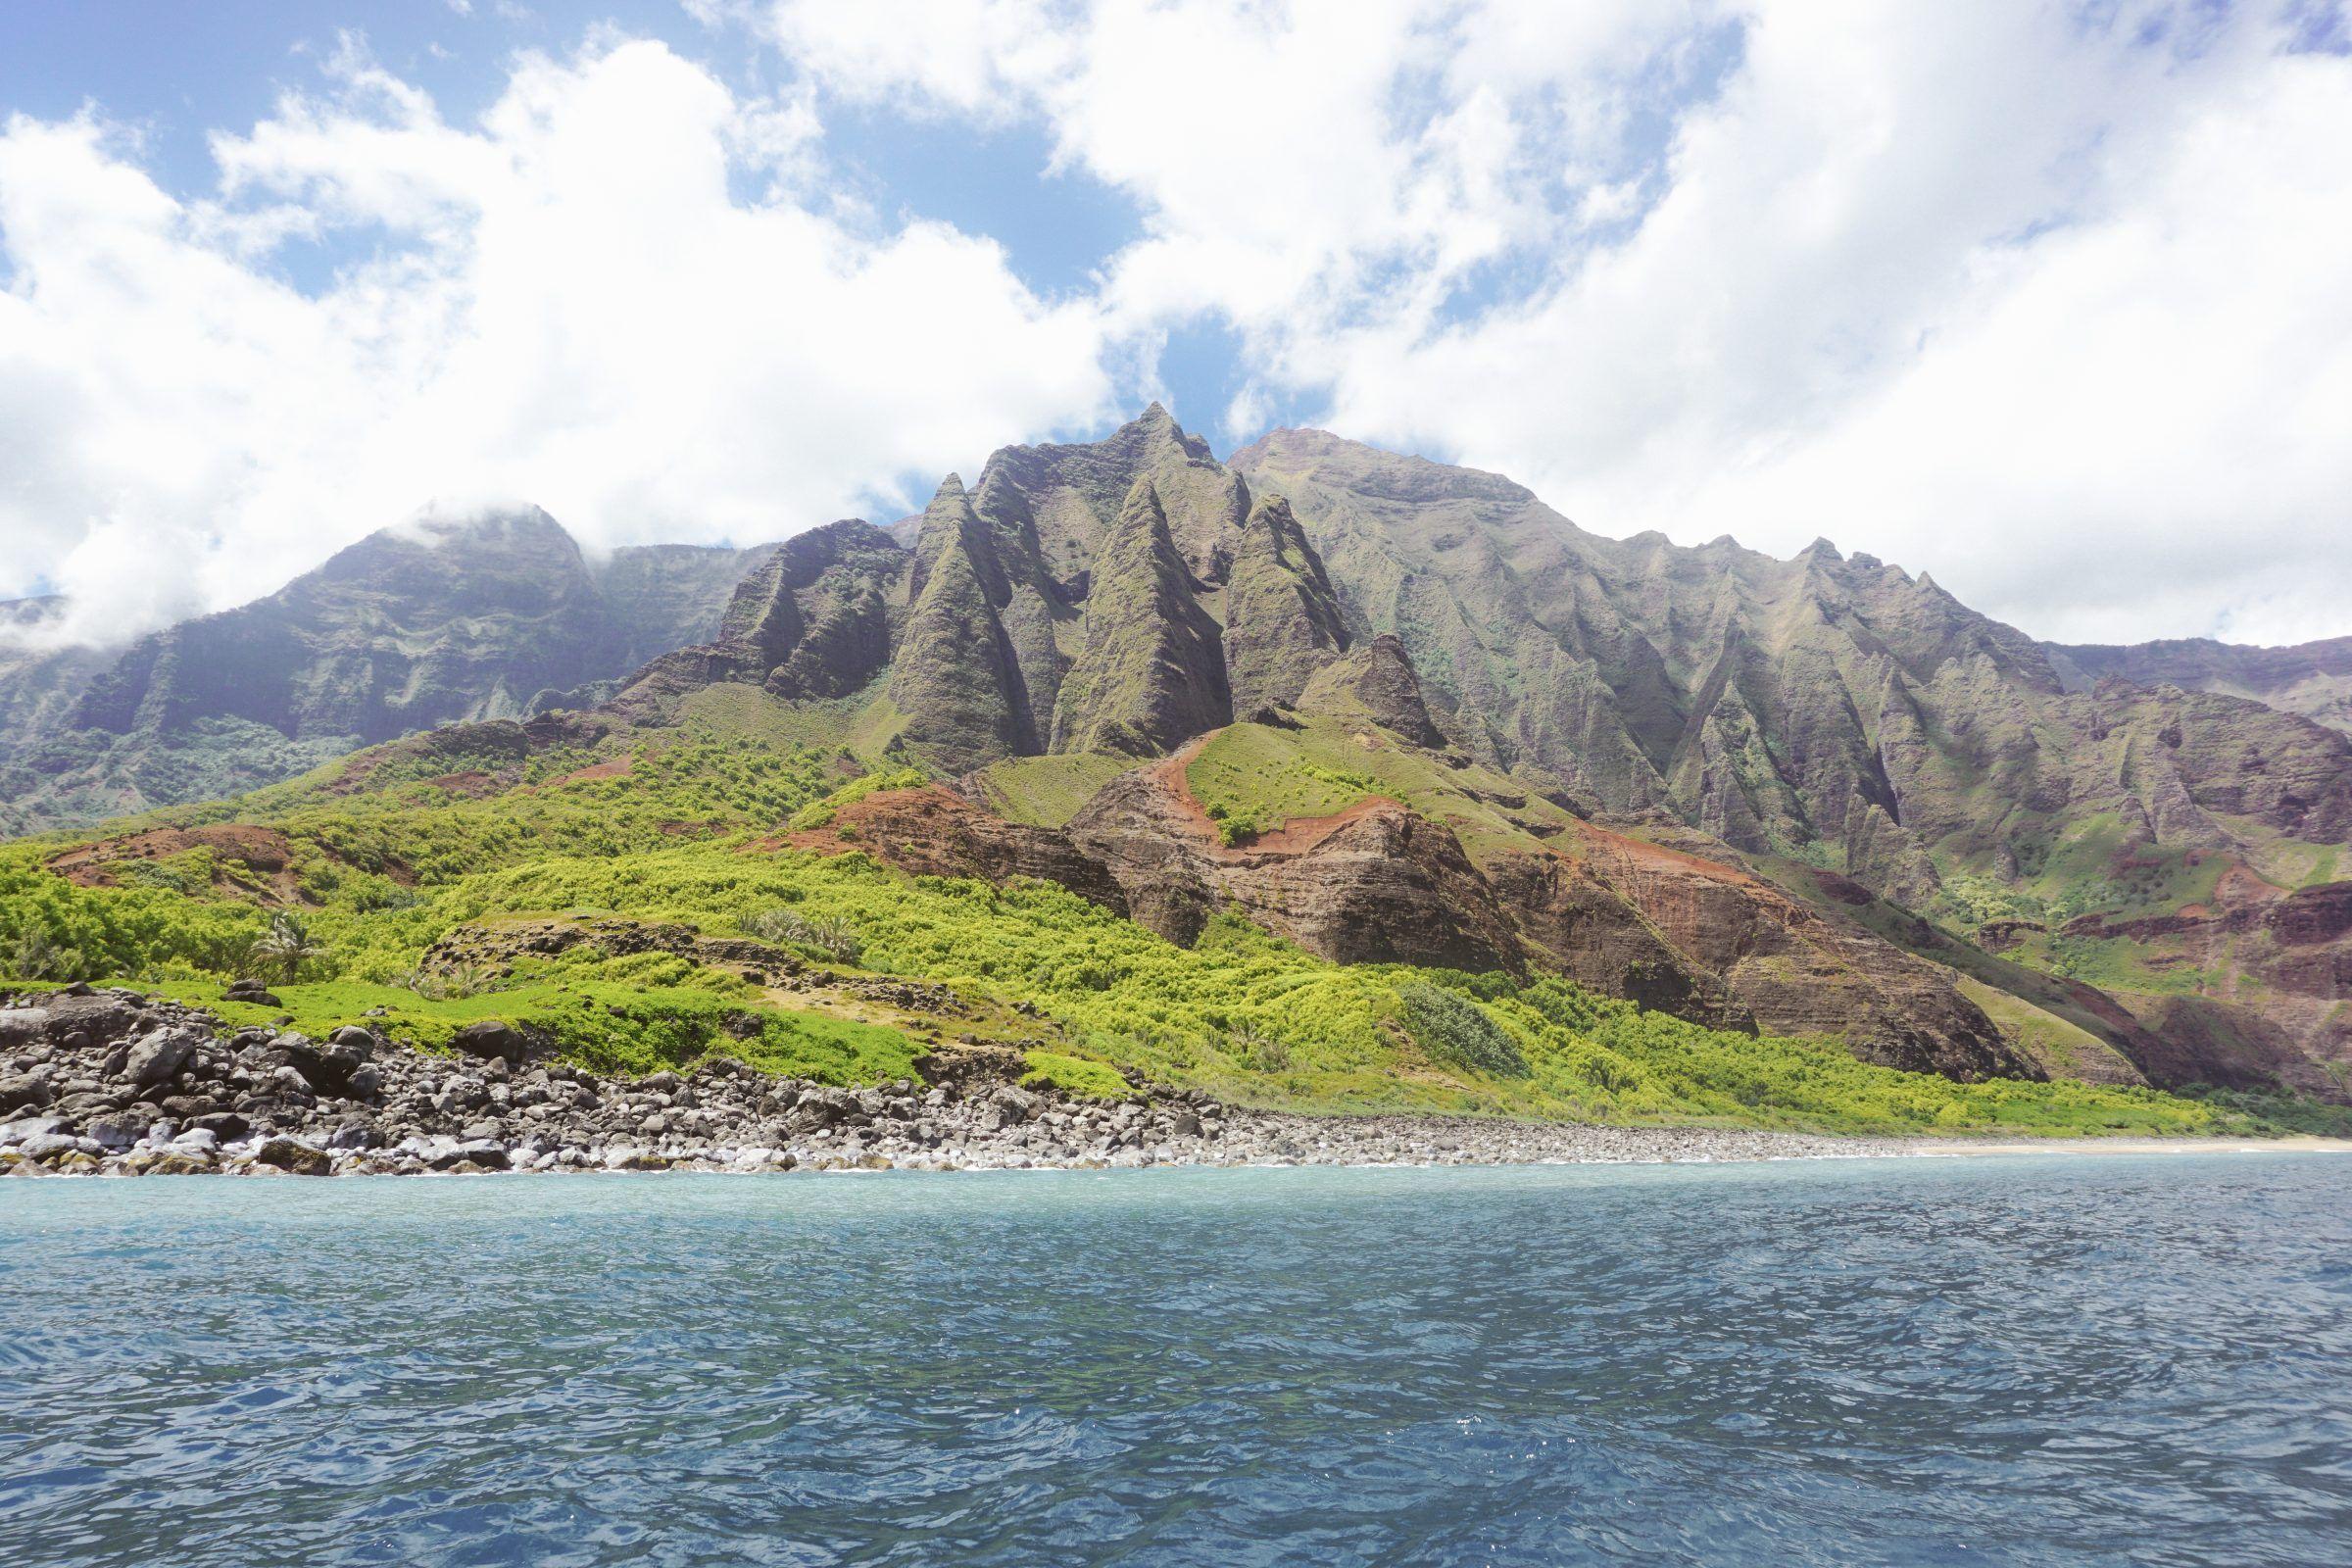 Kauai Travel Diary Harlowe James Kauai travel, Travel